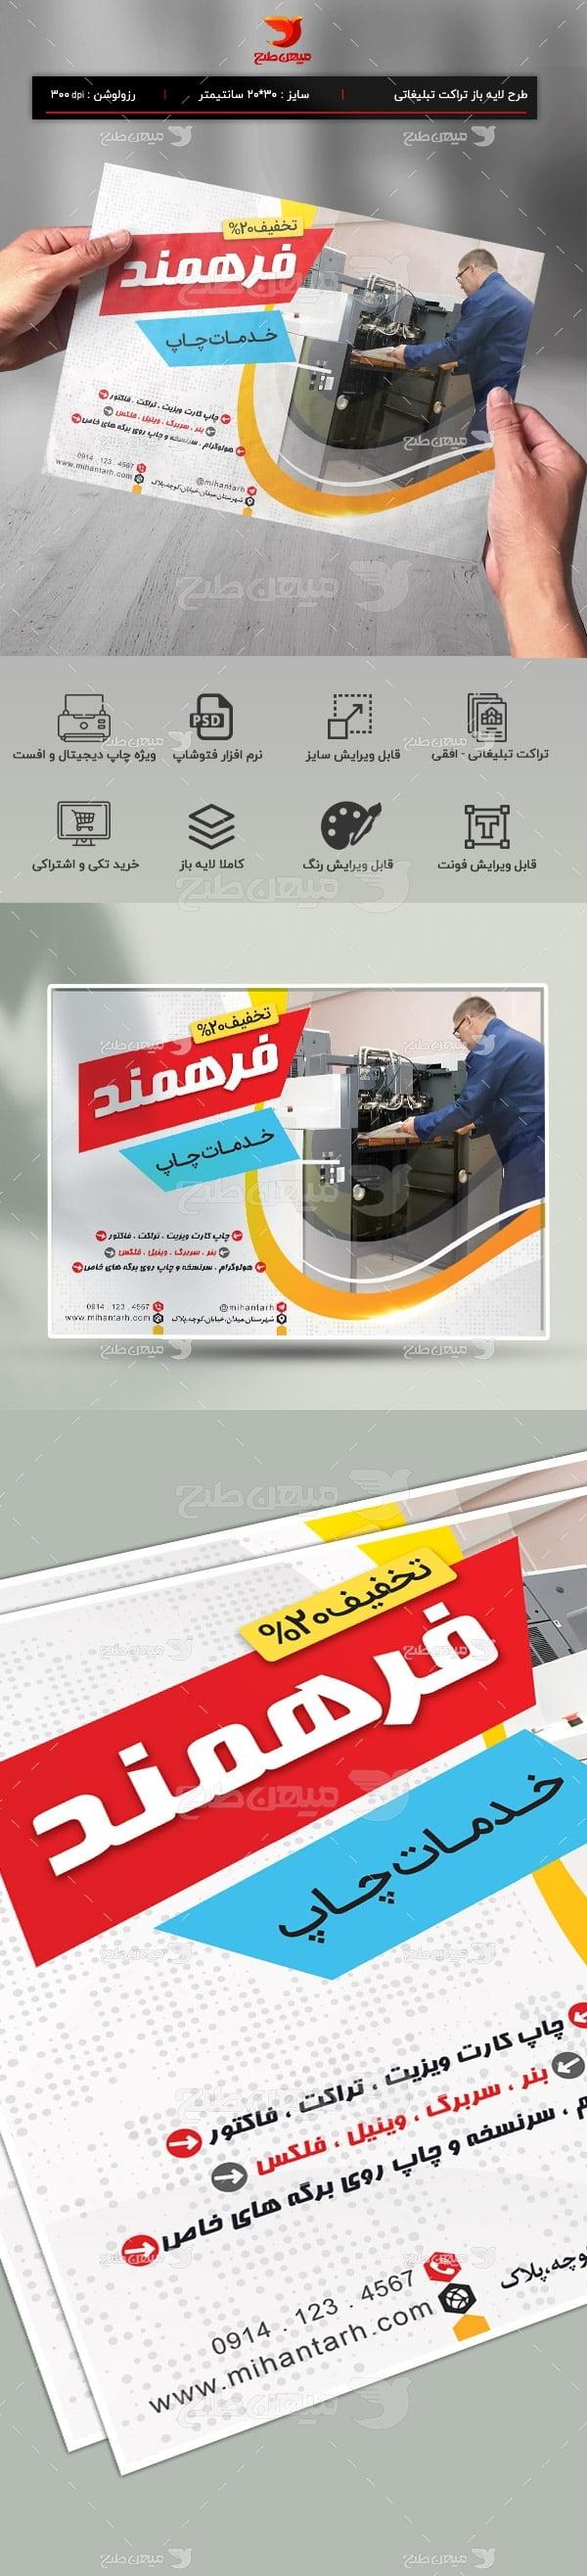 طرح لایه باز تراکت رنگی خدمات چاپخانه و چاپ دیجیتال